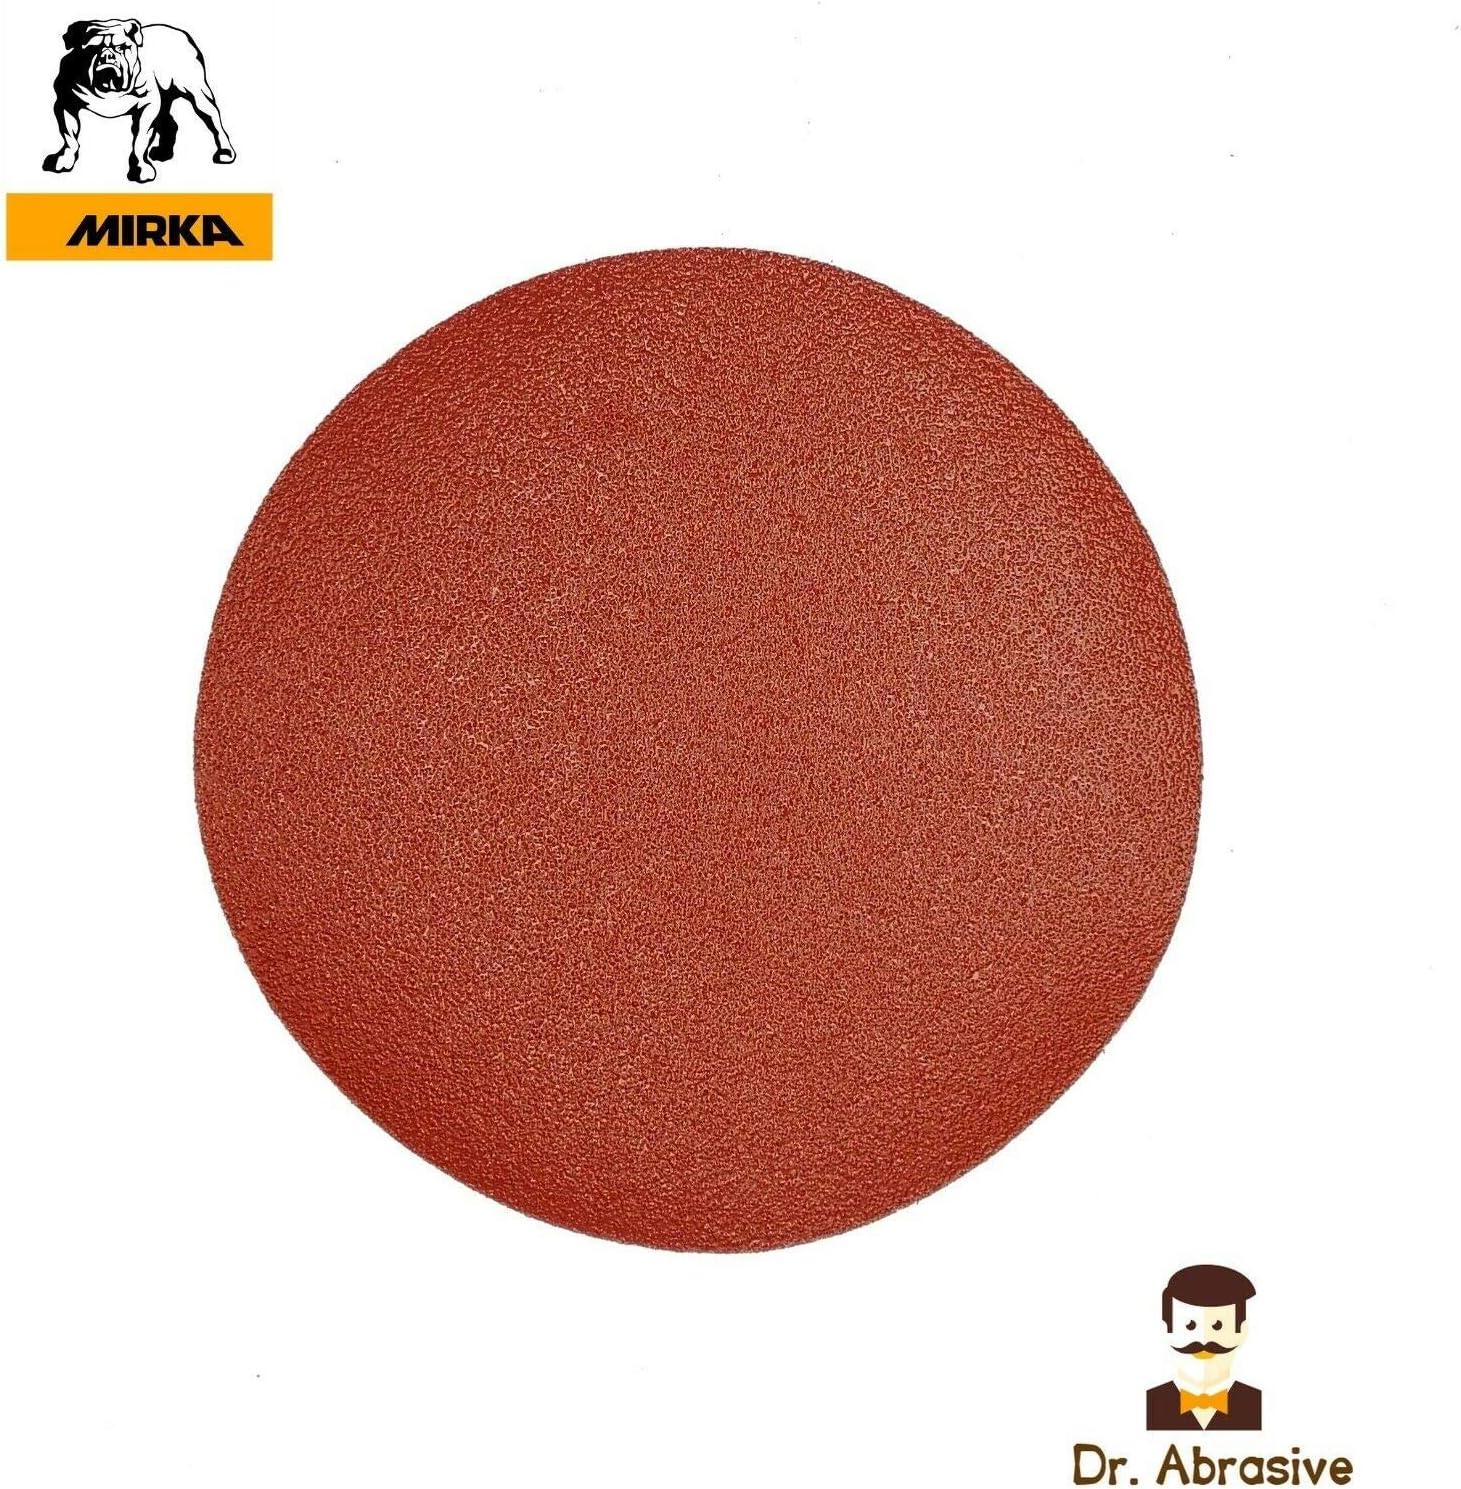 415 250mm 10 Sanding Discs Quality MIRKA Pads Hook /& Loop Grit P100 Pack of 10